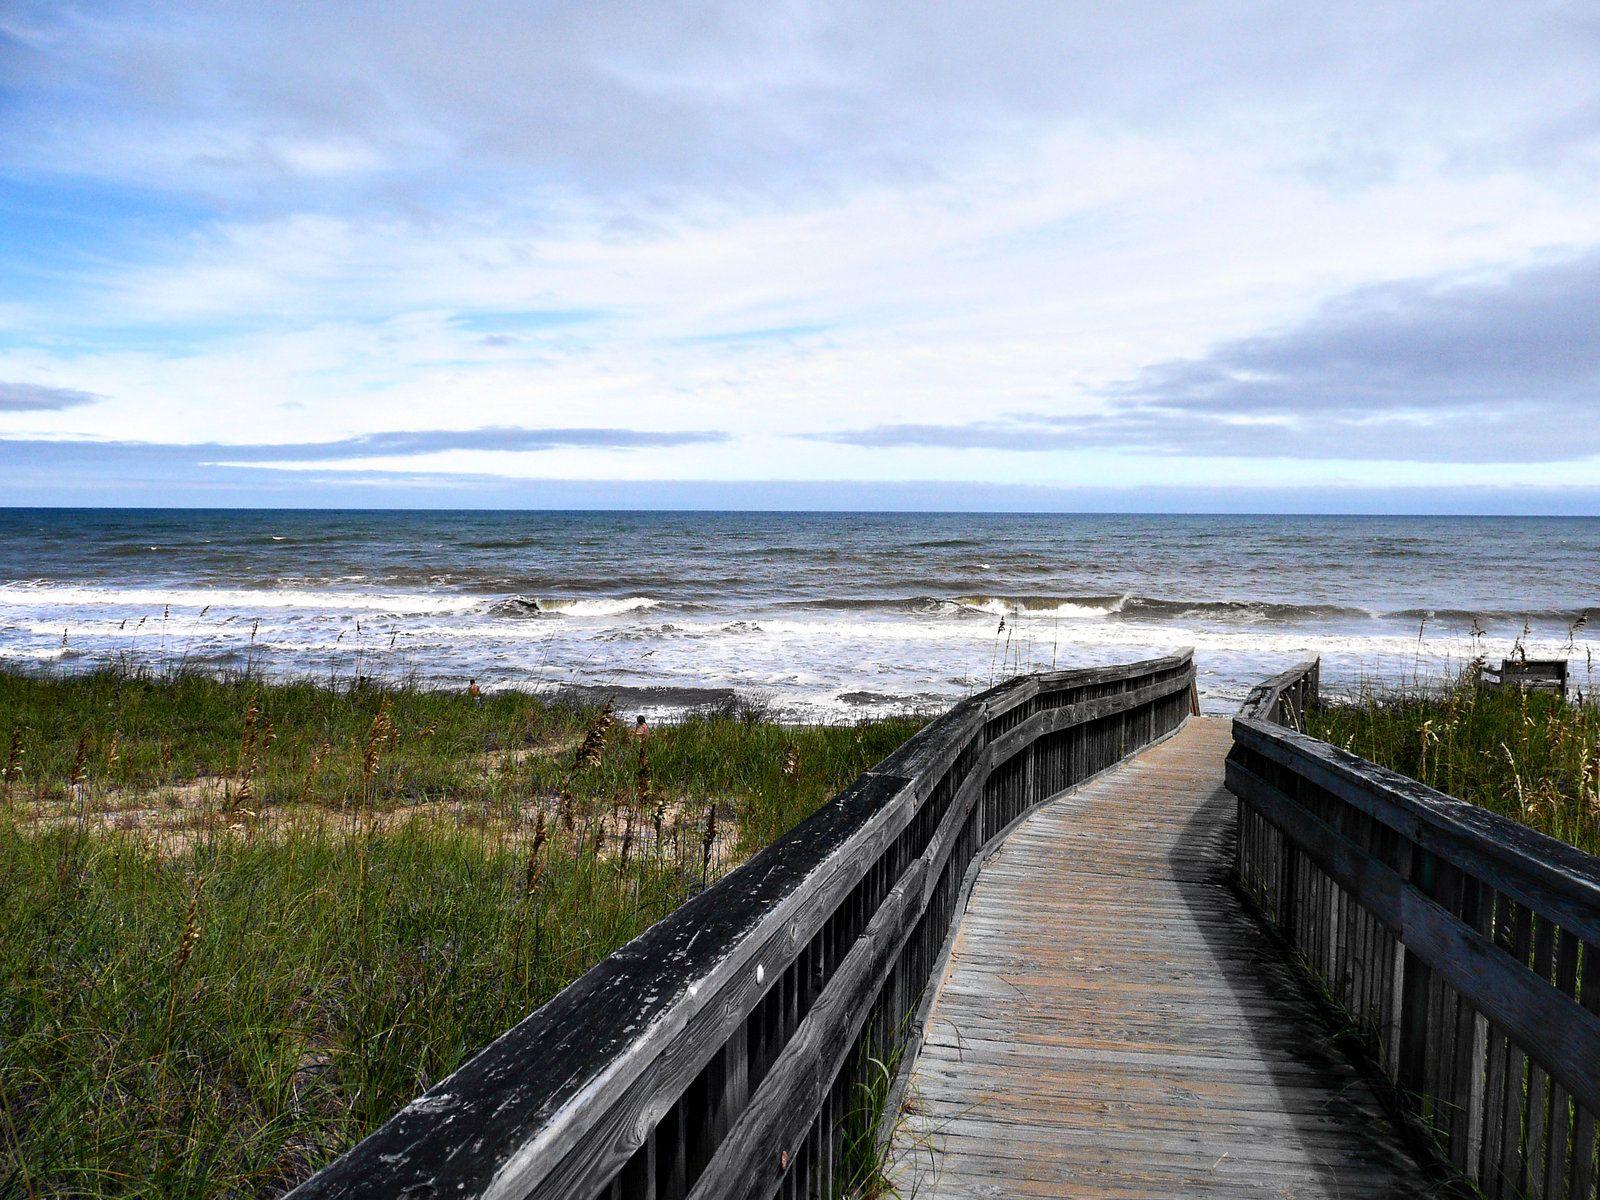 45 North Carolina Beach Wallpapers   Download at WallpaperBro 1600x1200